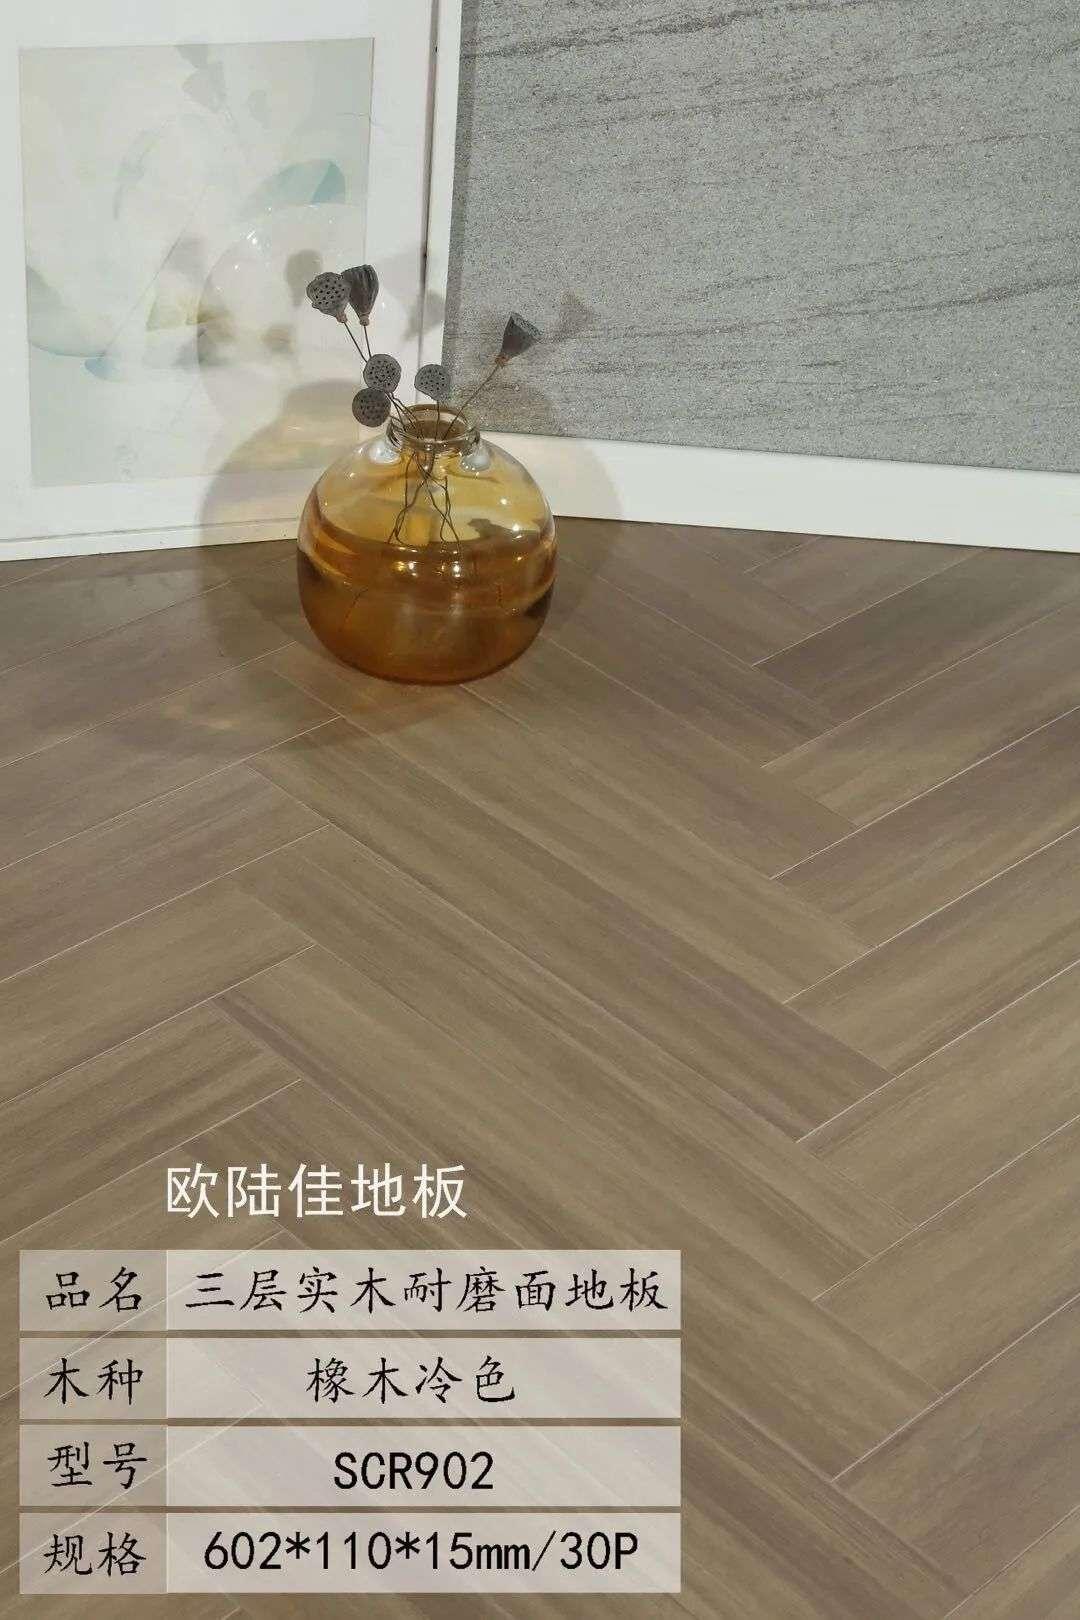 欧陆佳地板 三层实木耐磨面地板系列图片_1